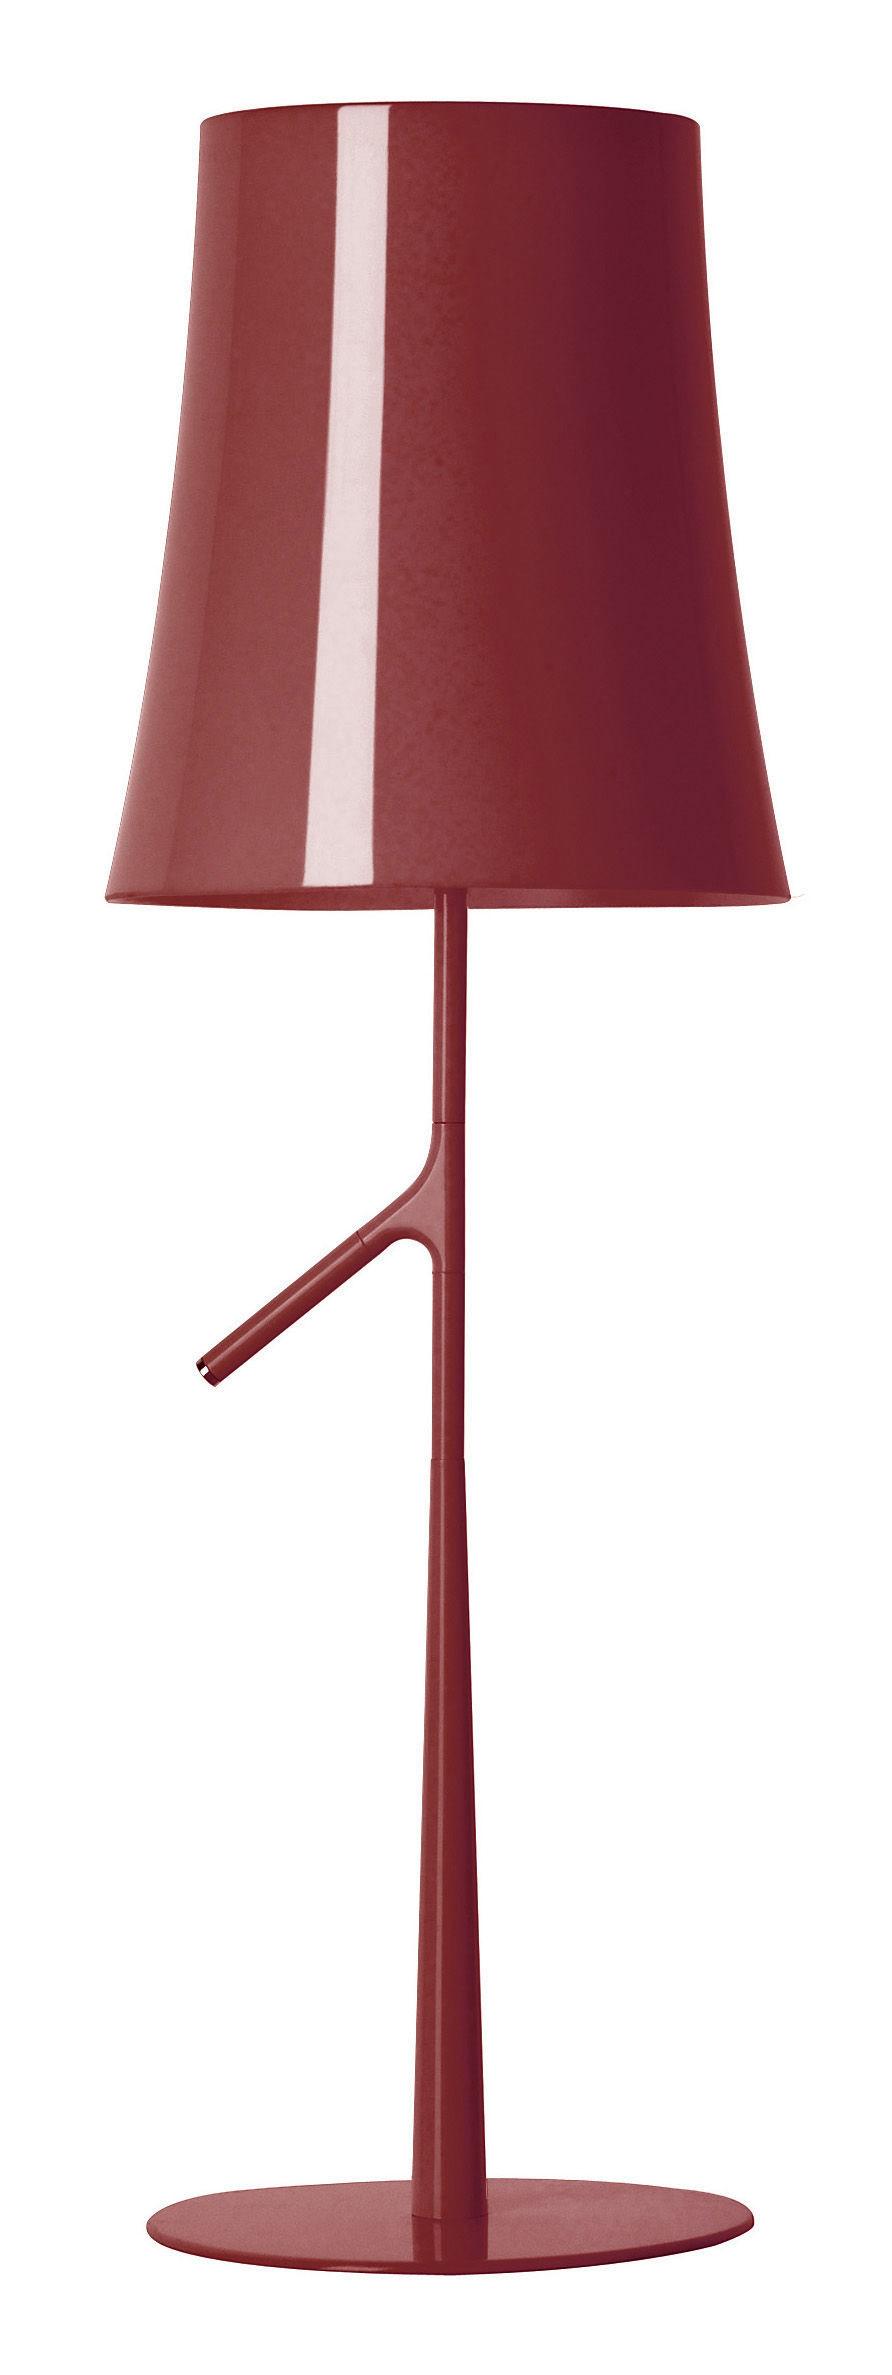 Luminaire - Lampes de table - Lampe de table Birdie Grande / H 70 cm - Foscarini - Amarante - Acier laqué, Polycarbonate